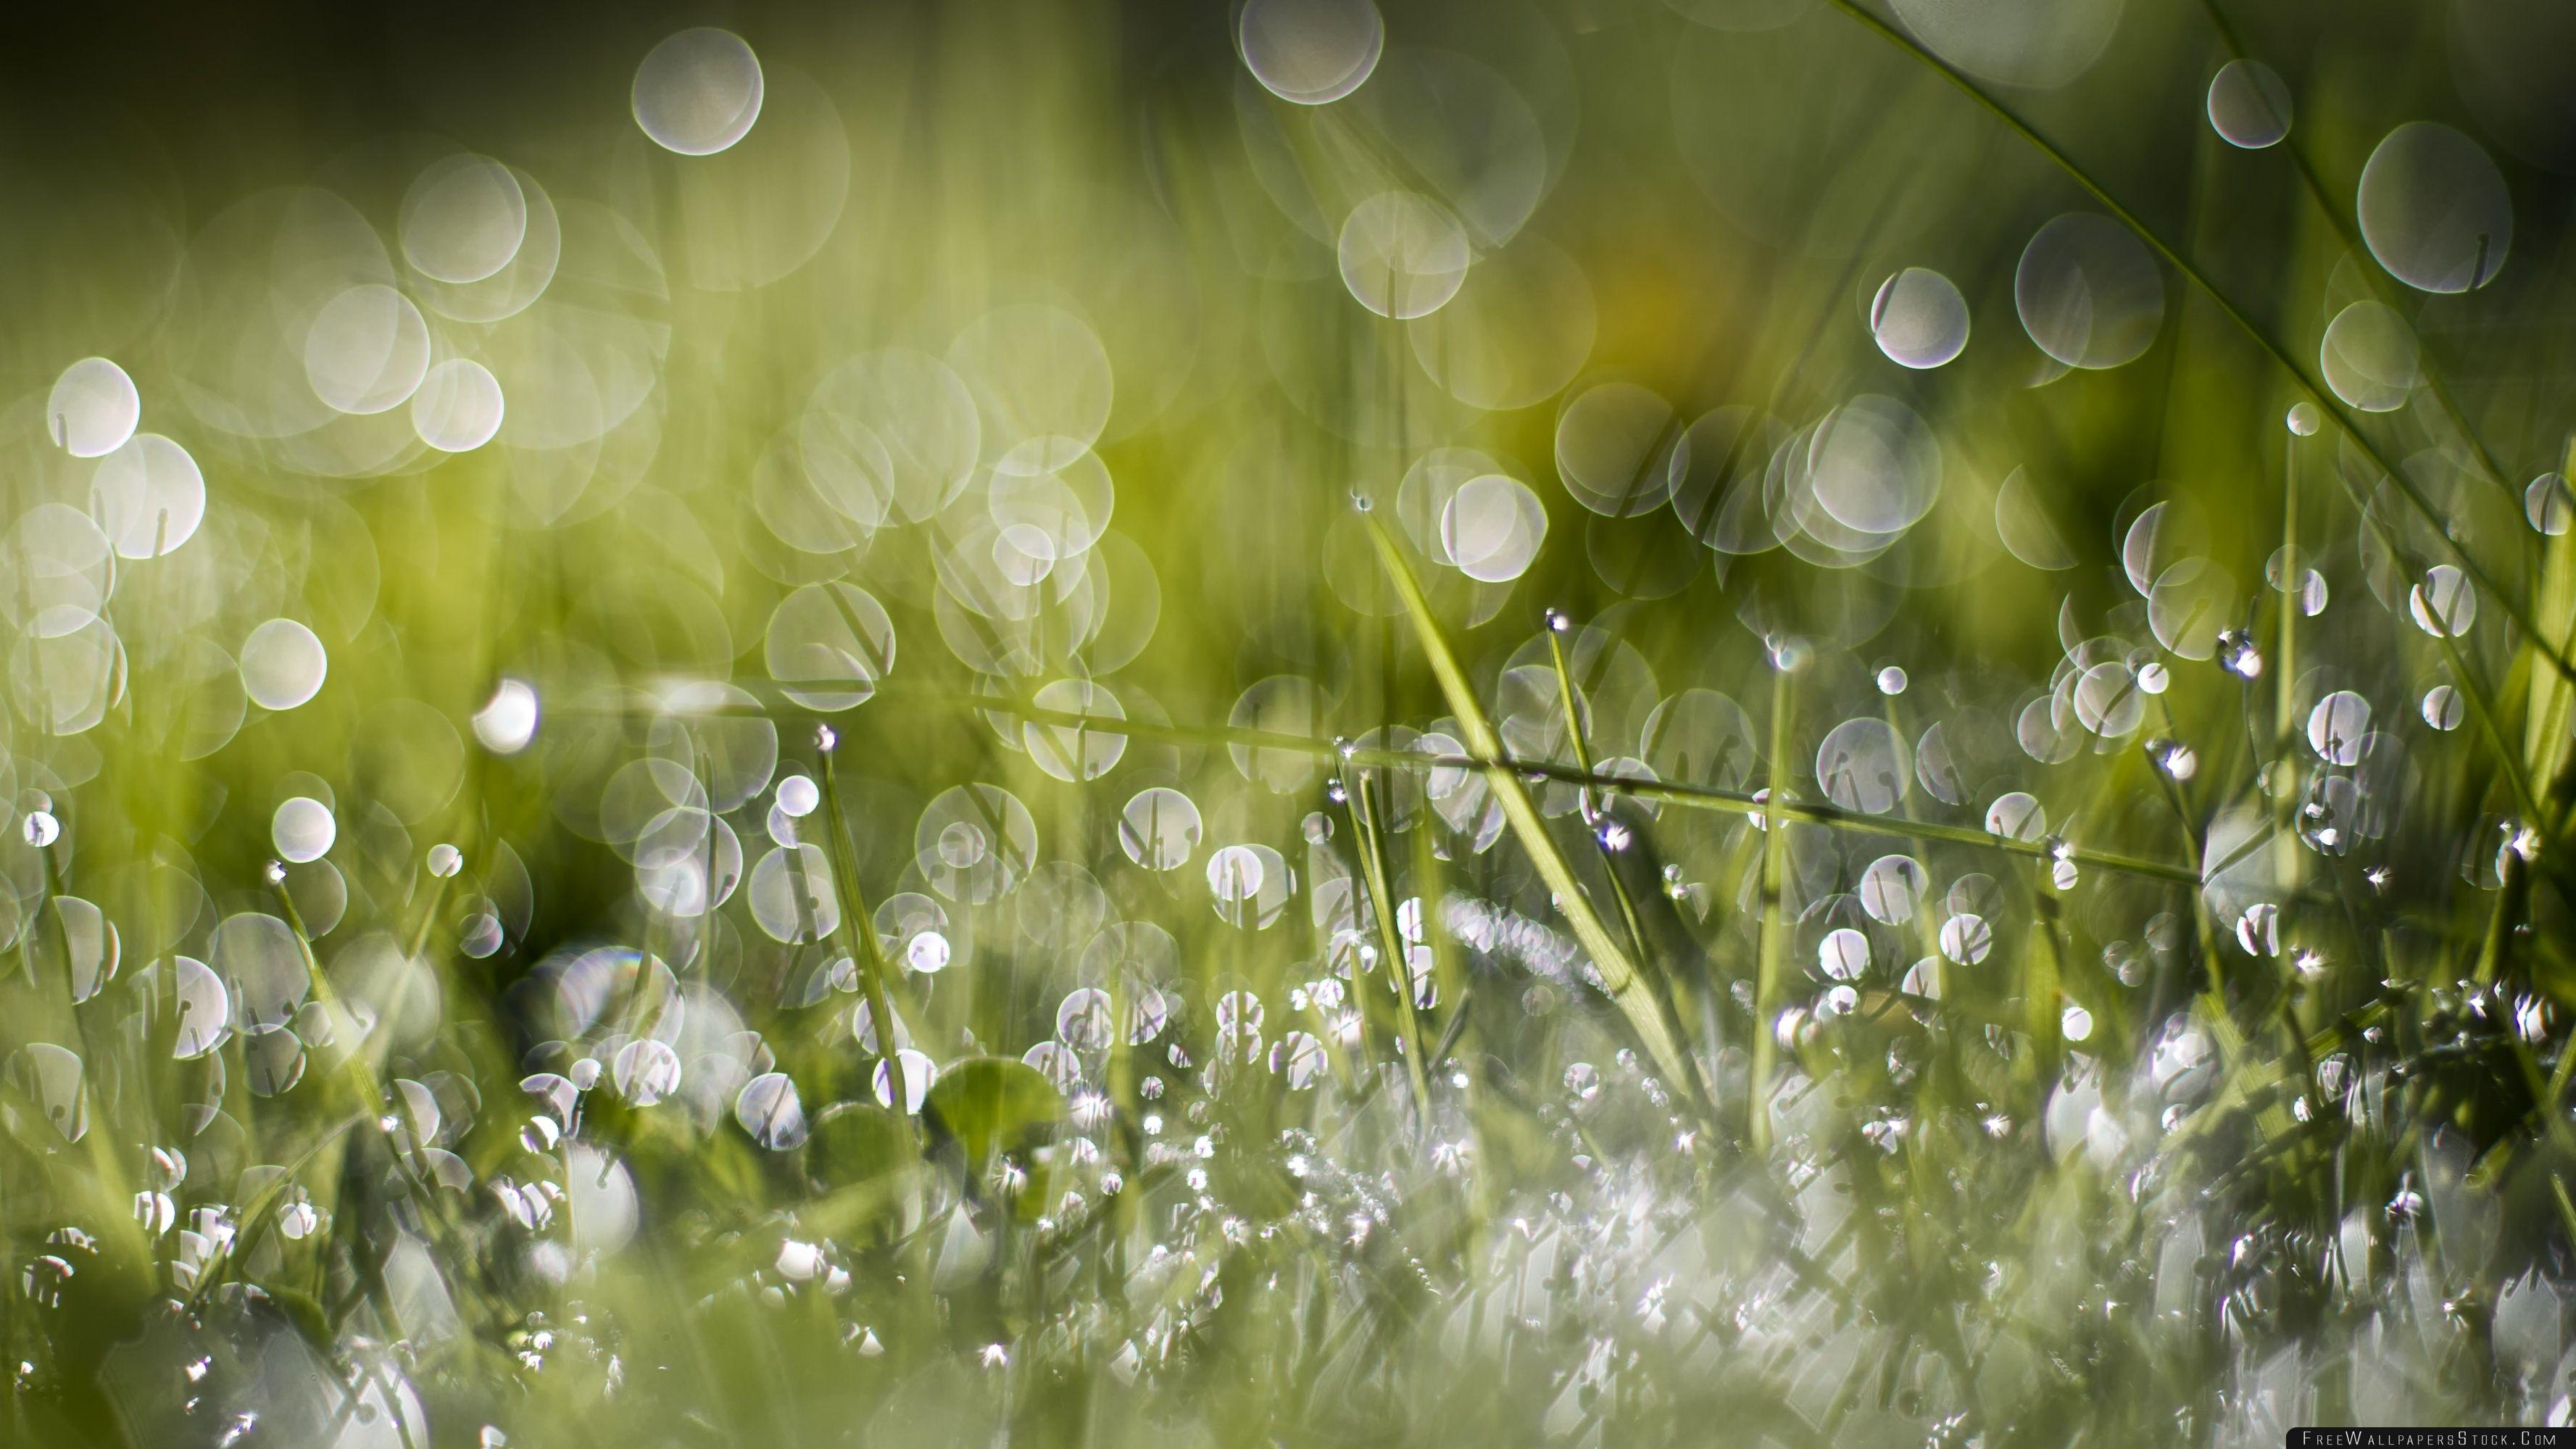 Download Free Wallpaper Wet Green Grass